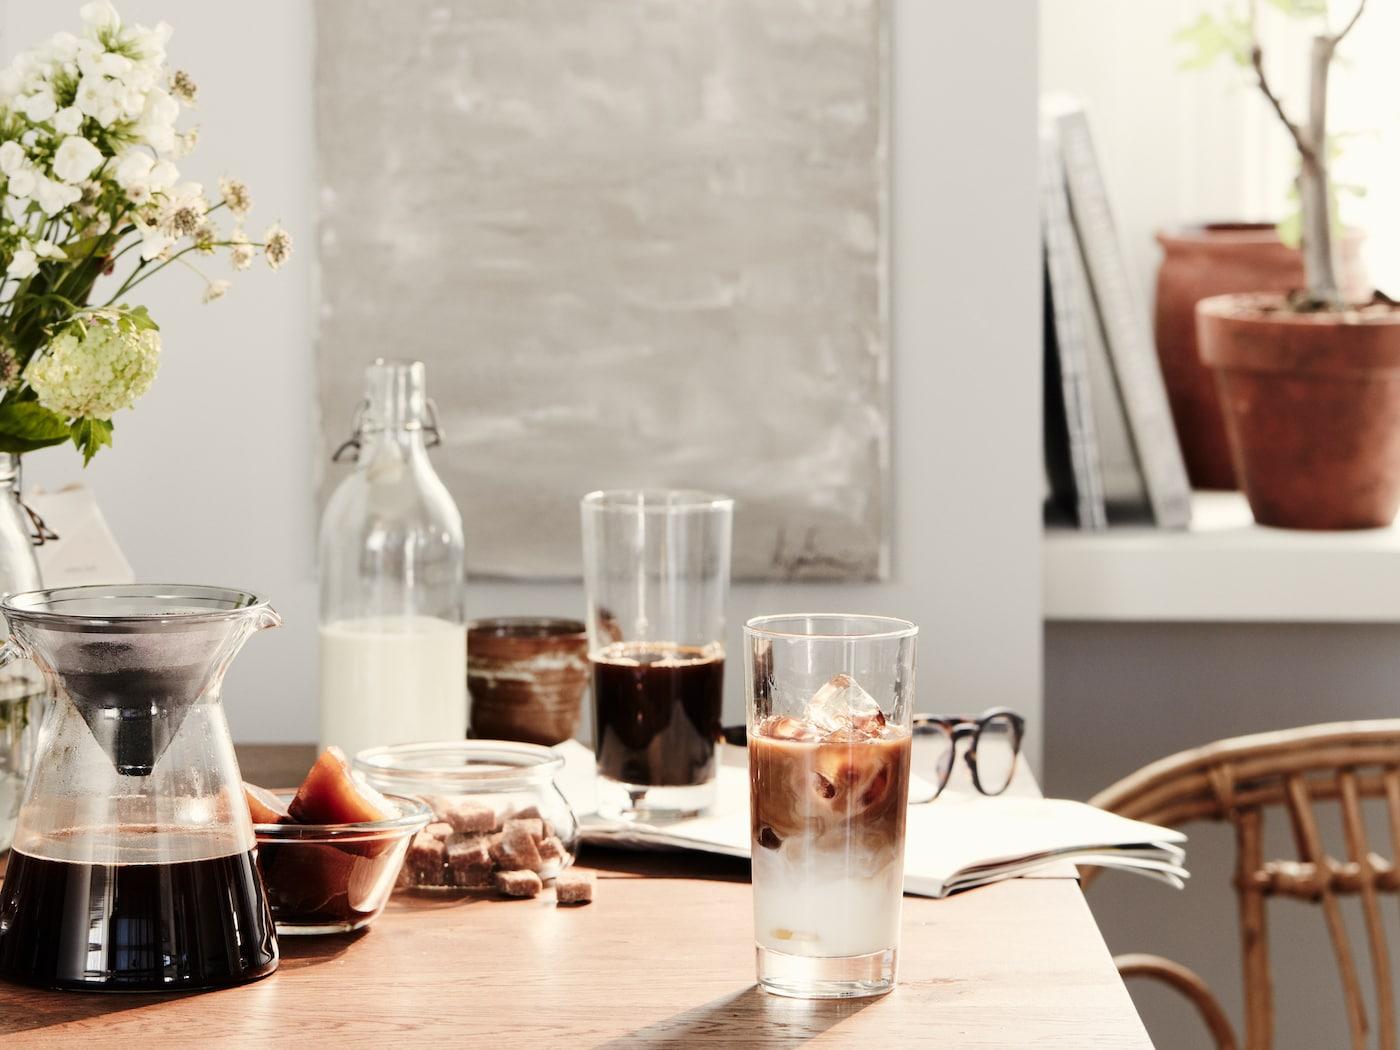 Ett bord med långfrukost uppdukat. På bordet i trä står höga glas med iskaffe i.